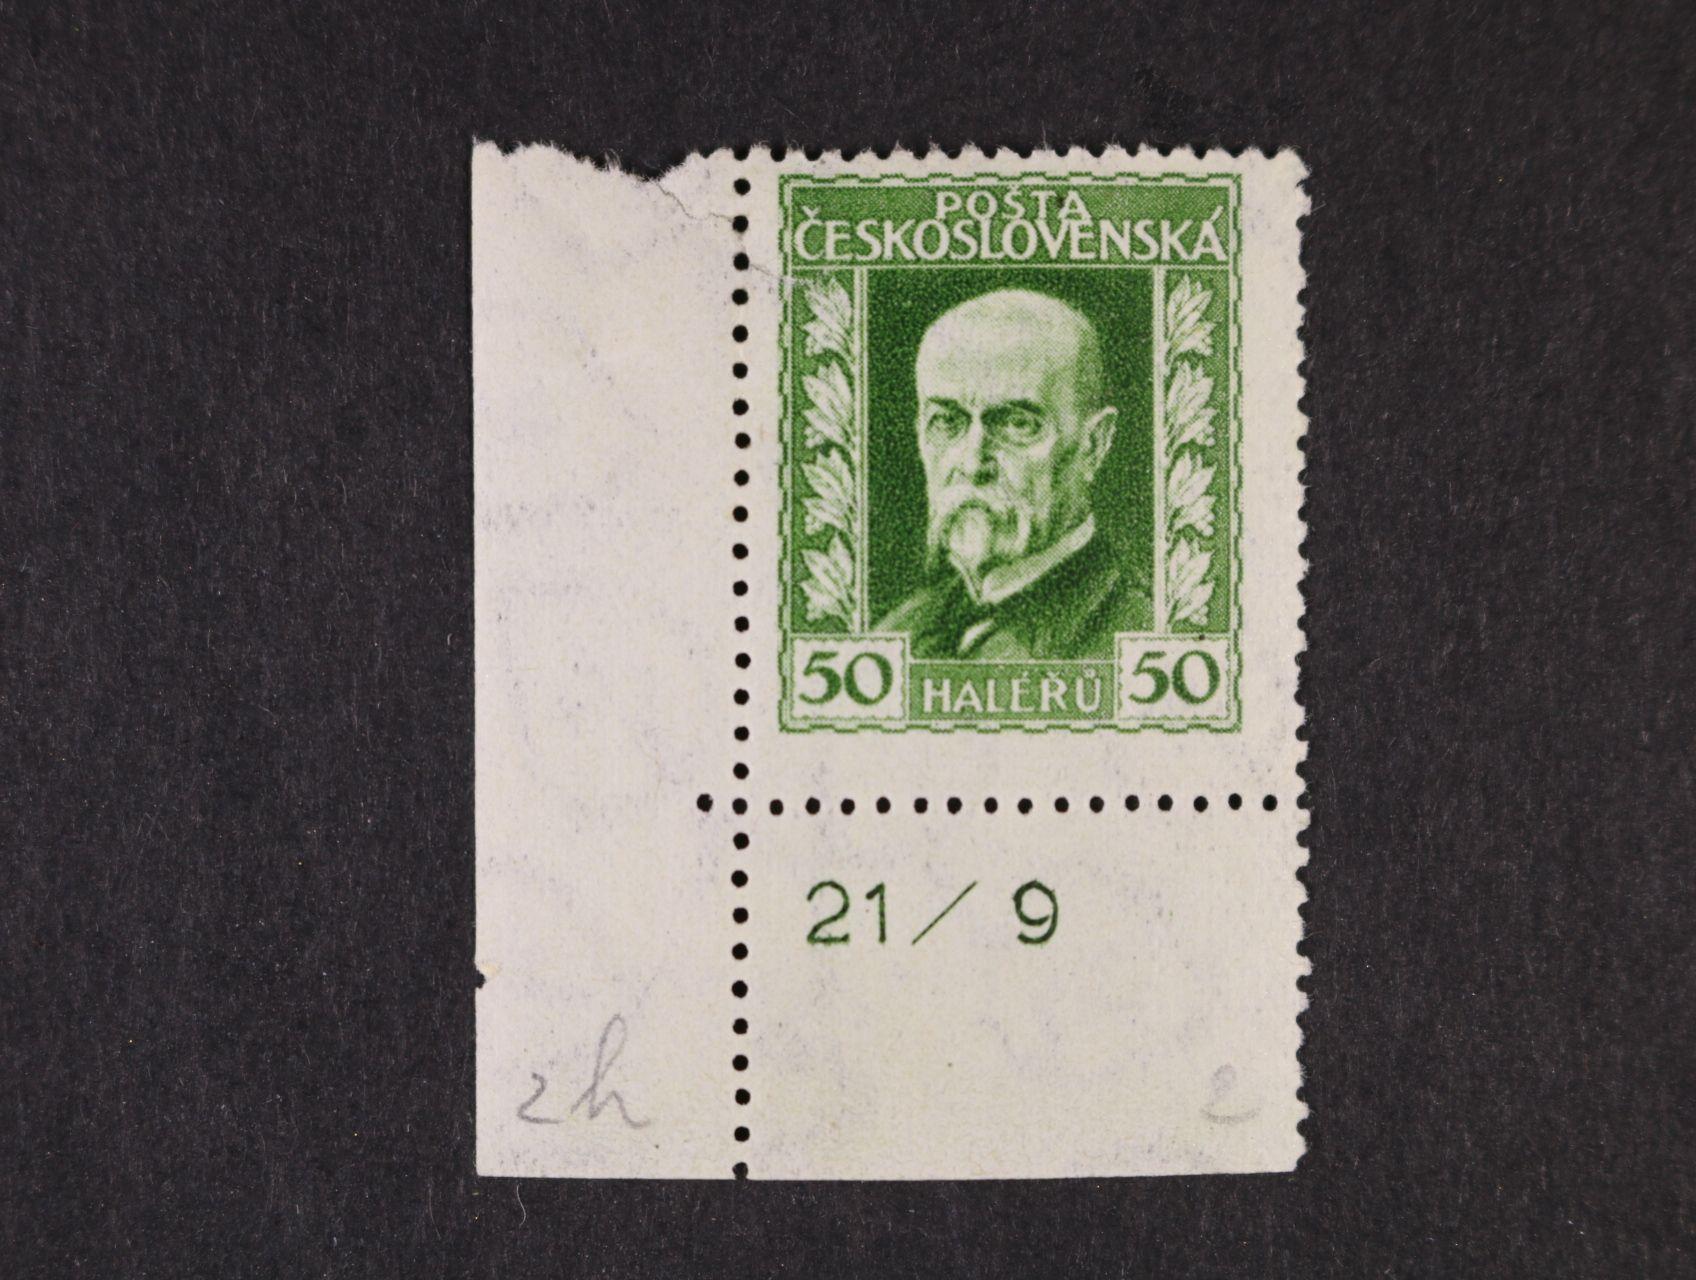 zn. č. 188 A, pr. 2 - levý spodní roh. kus s DZ 21/9